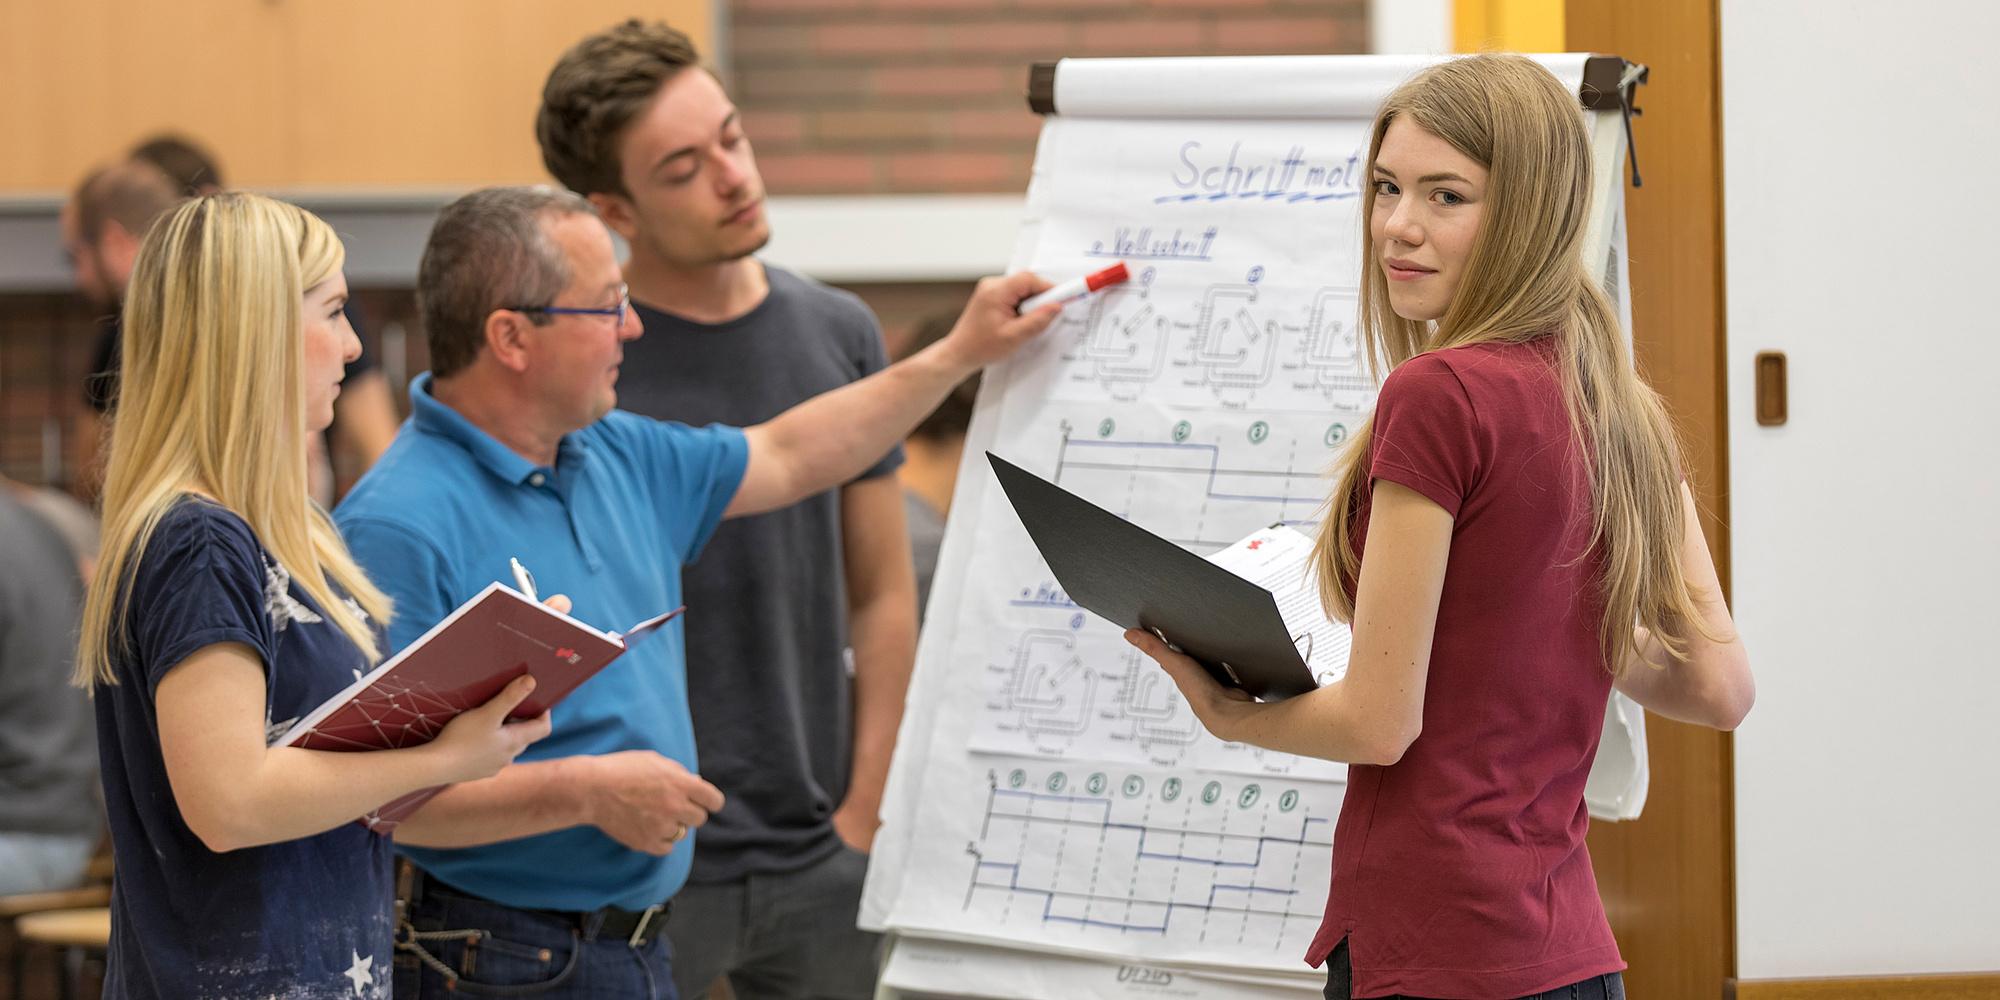 Lehrender und Studierende vor einem Flipchart